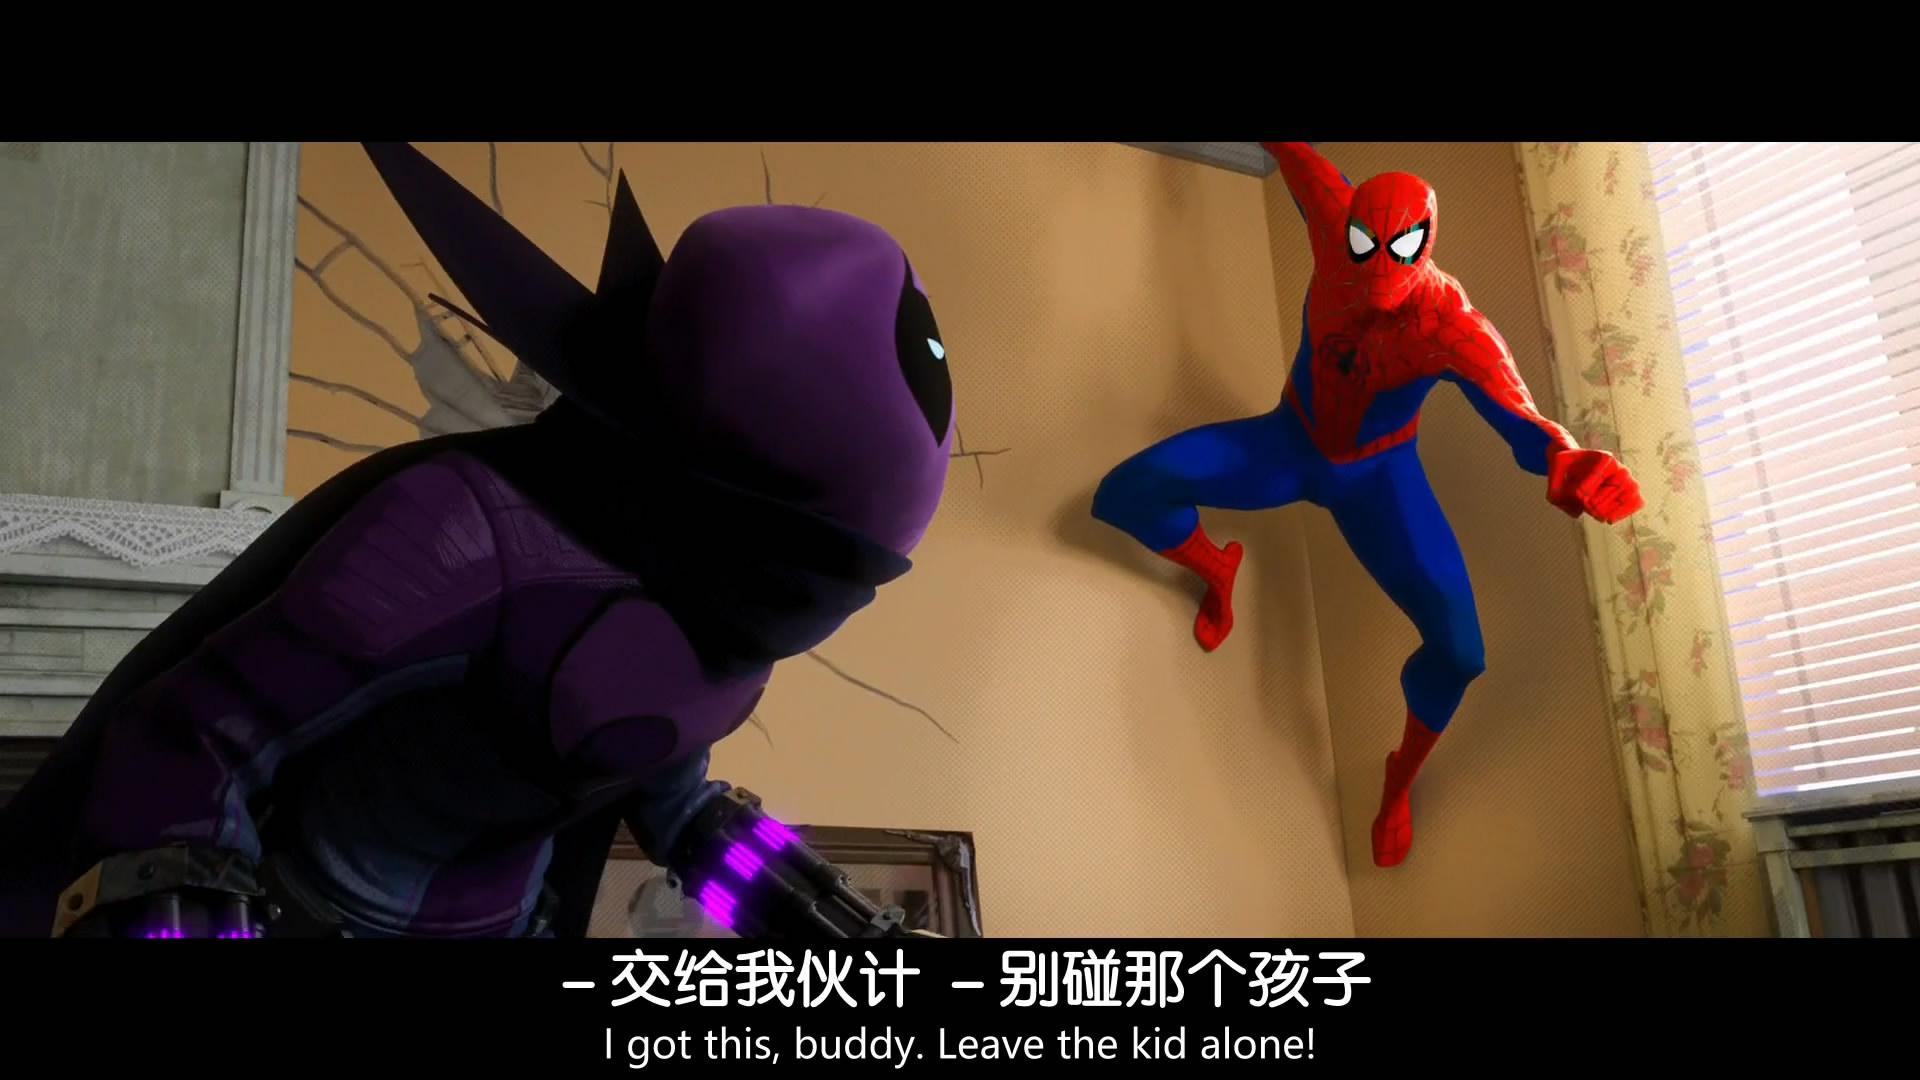 《蜘蛛侠:平行宇宙》中的徘徊者。